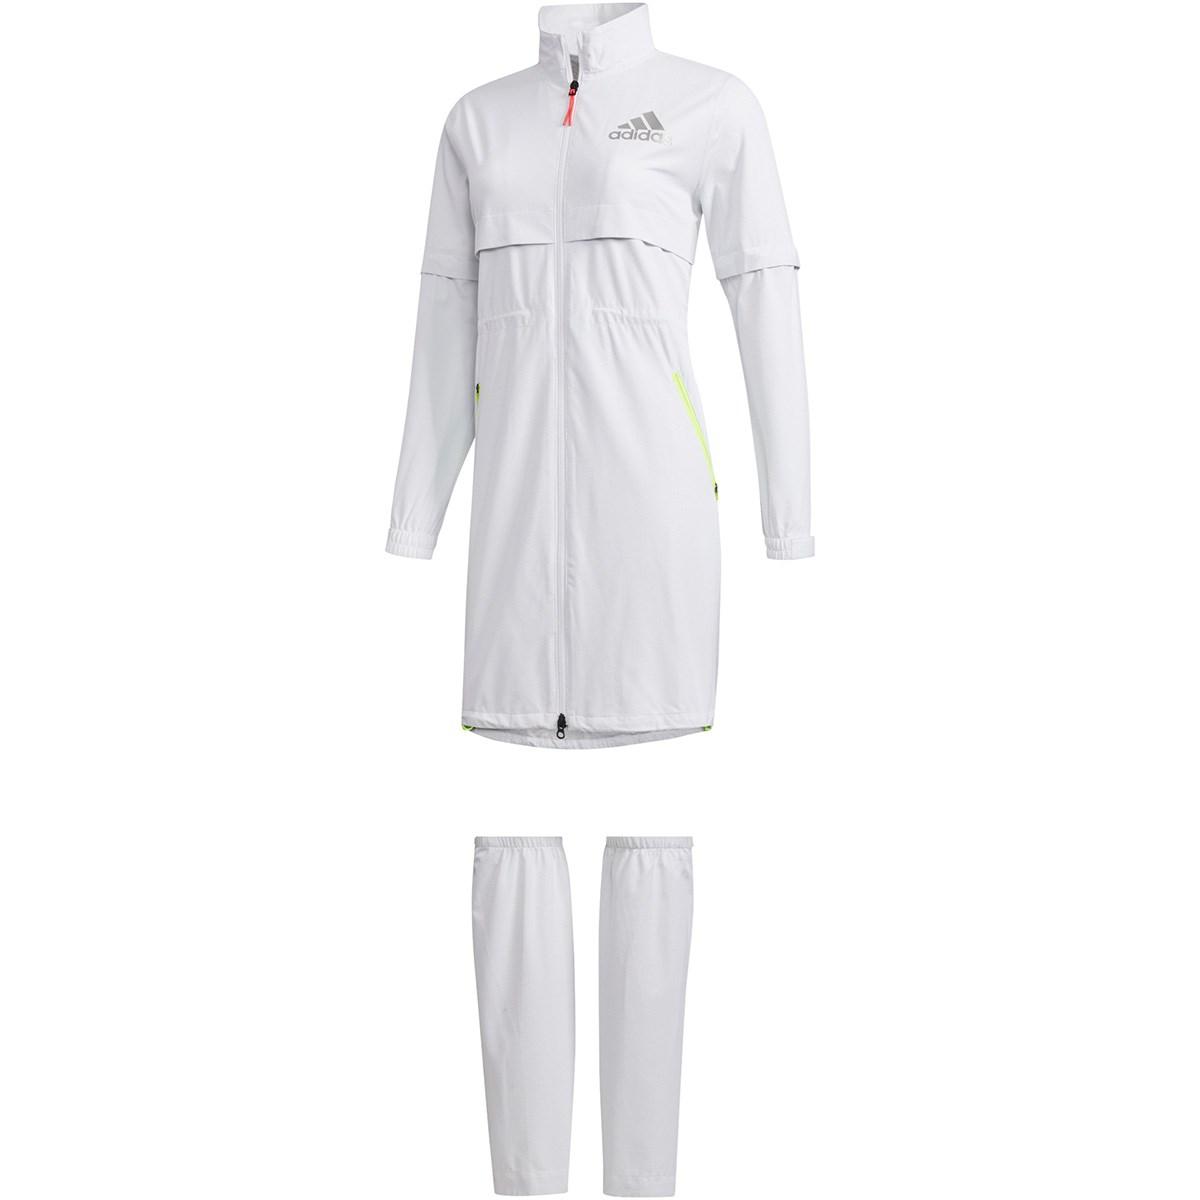 アディダス Adidas レッグカバー付き ハイストレッチ レインワンピース S ホワイト レディス